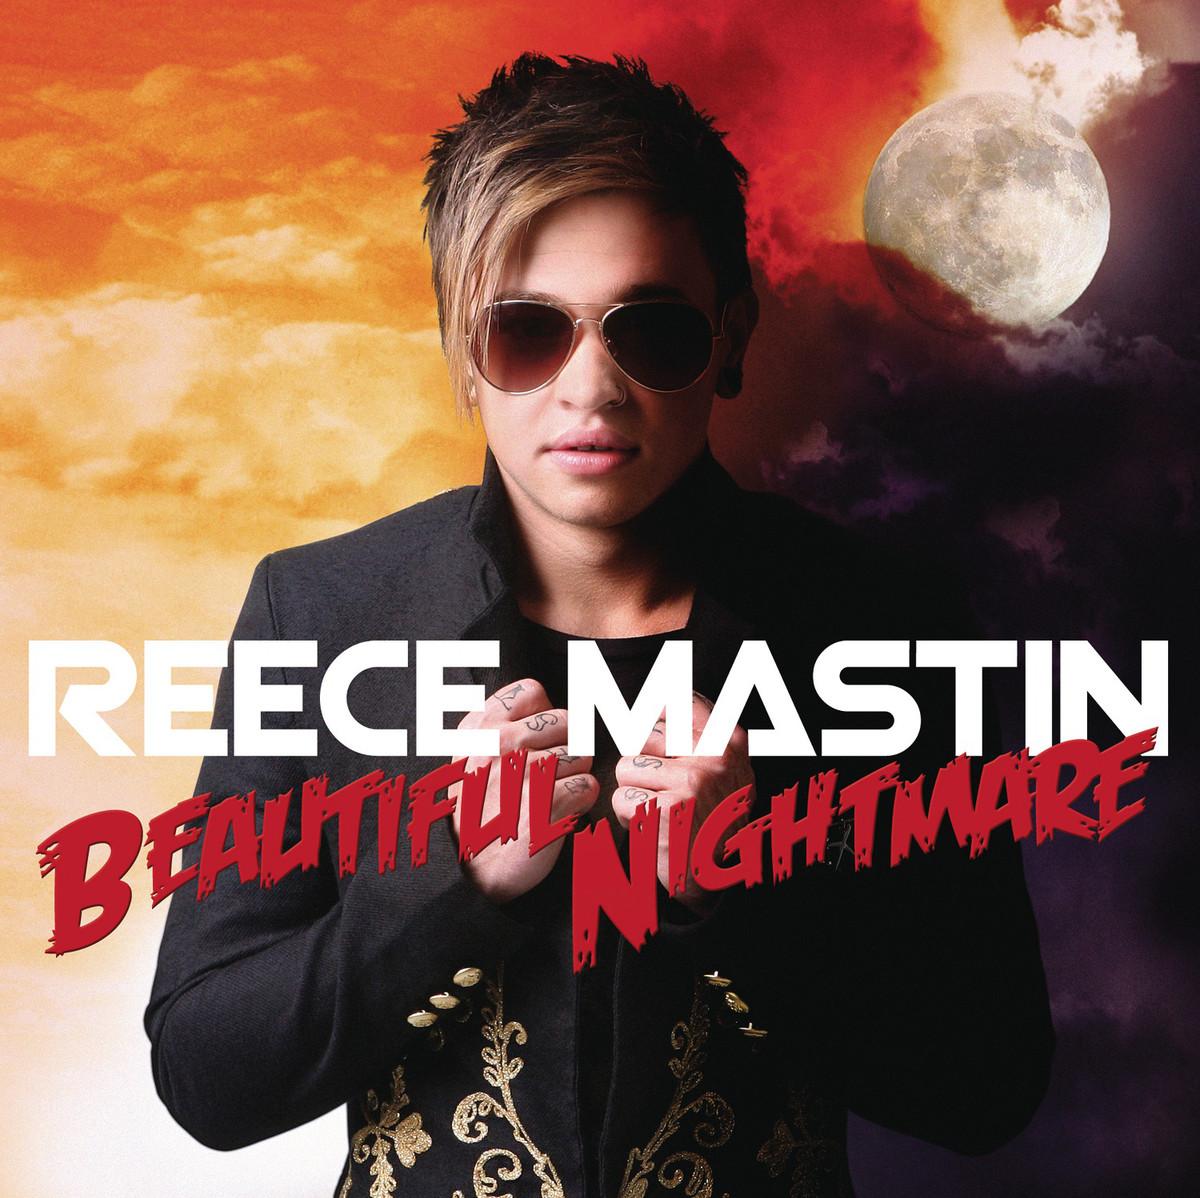 Reece-Mastin-Beautiful-Nightmare-2012-1200x1200.png